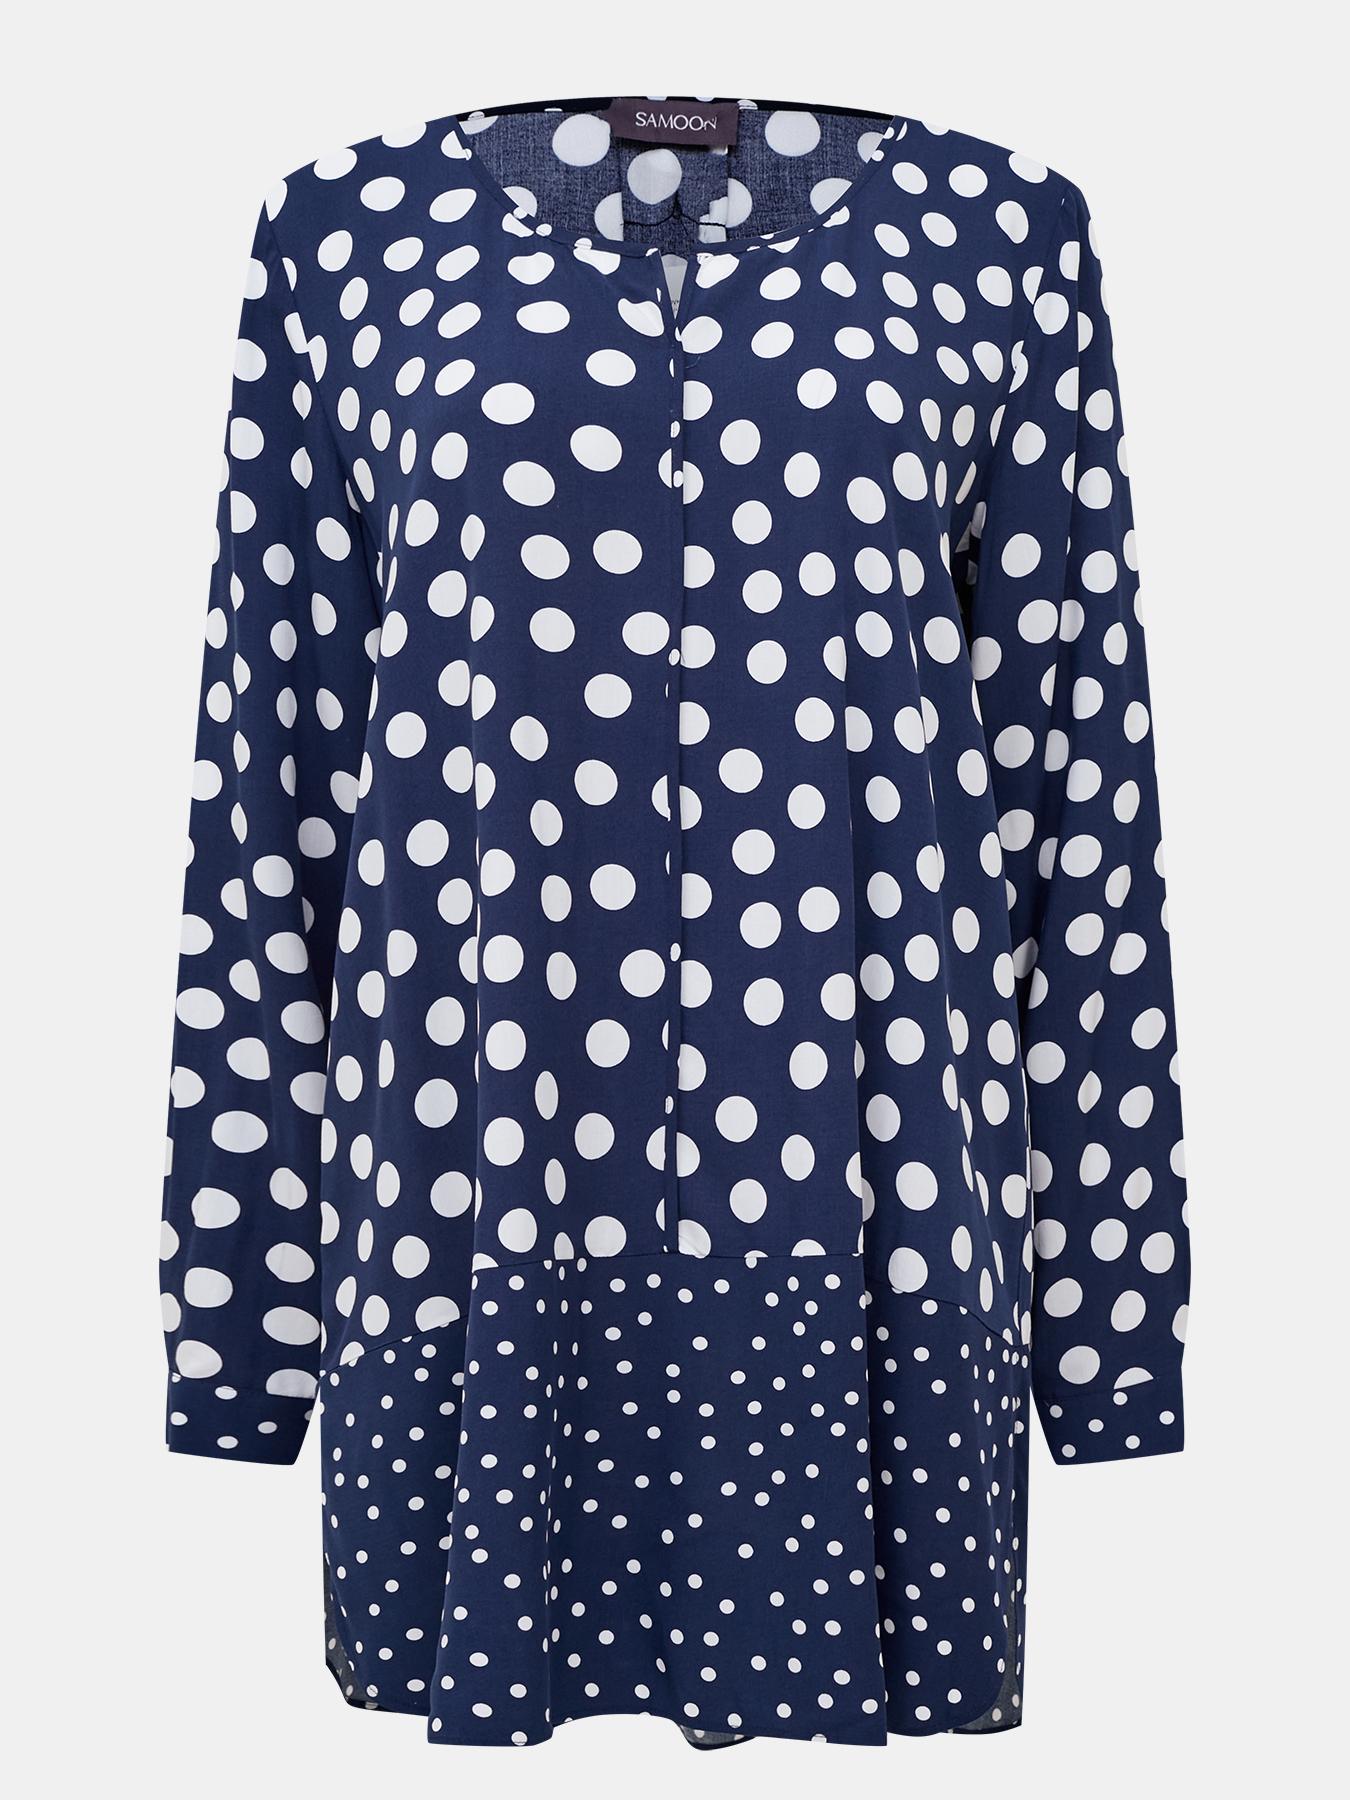 Блузки Samoon Блузка блузка samoon блузка